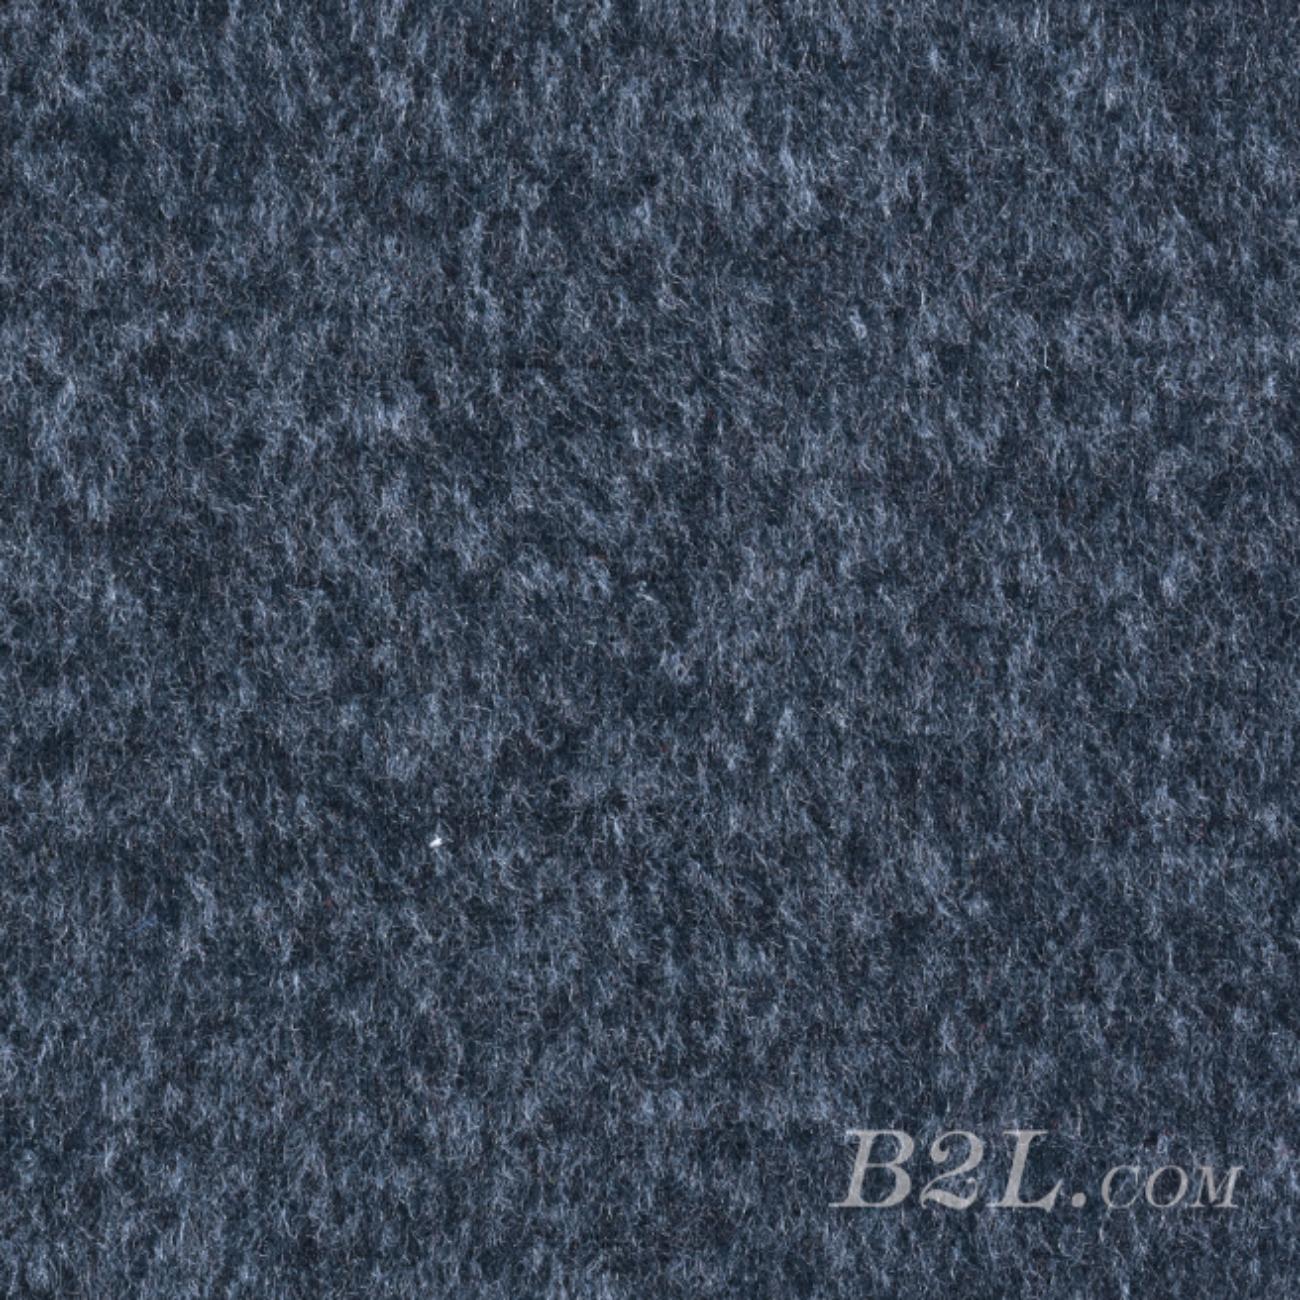 素色 针织 弹力 绒感 春秋 T恤 时装 外套 卫衣 90912-31